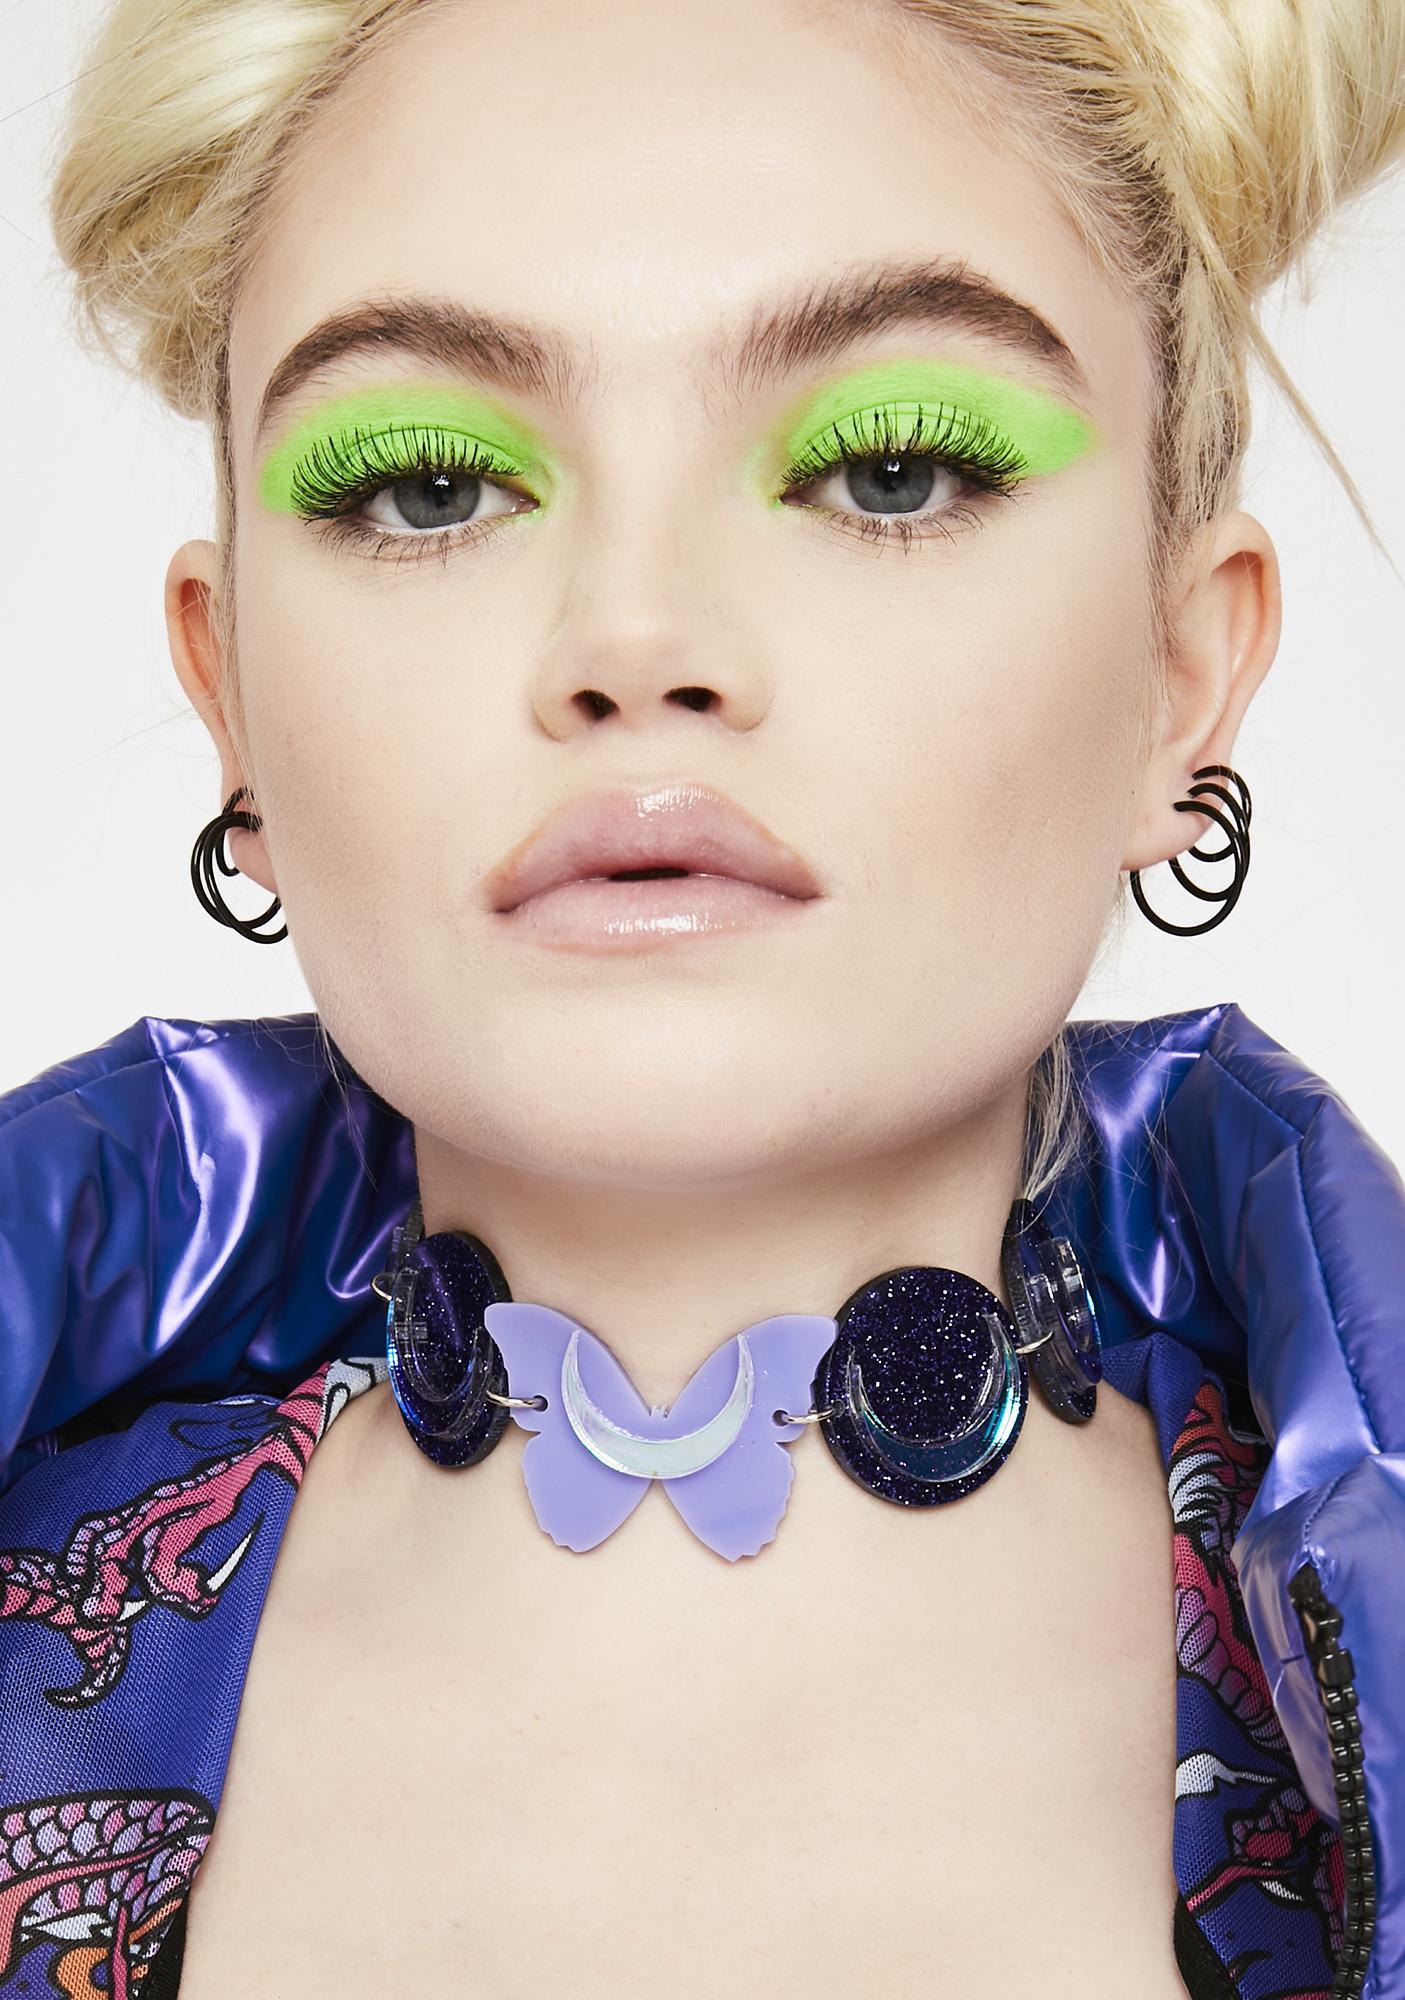 Marina Fini Butterfly Eclipse Glitter Choker